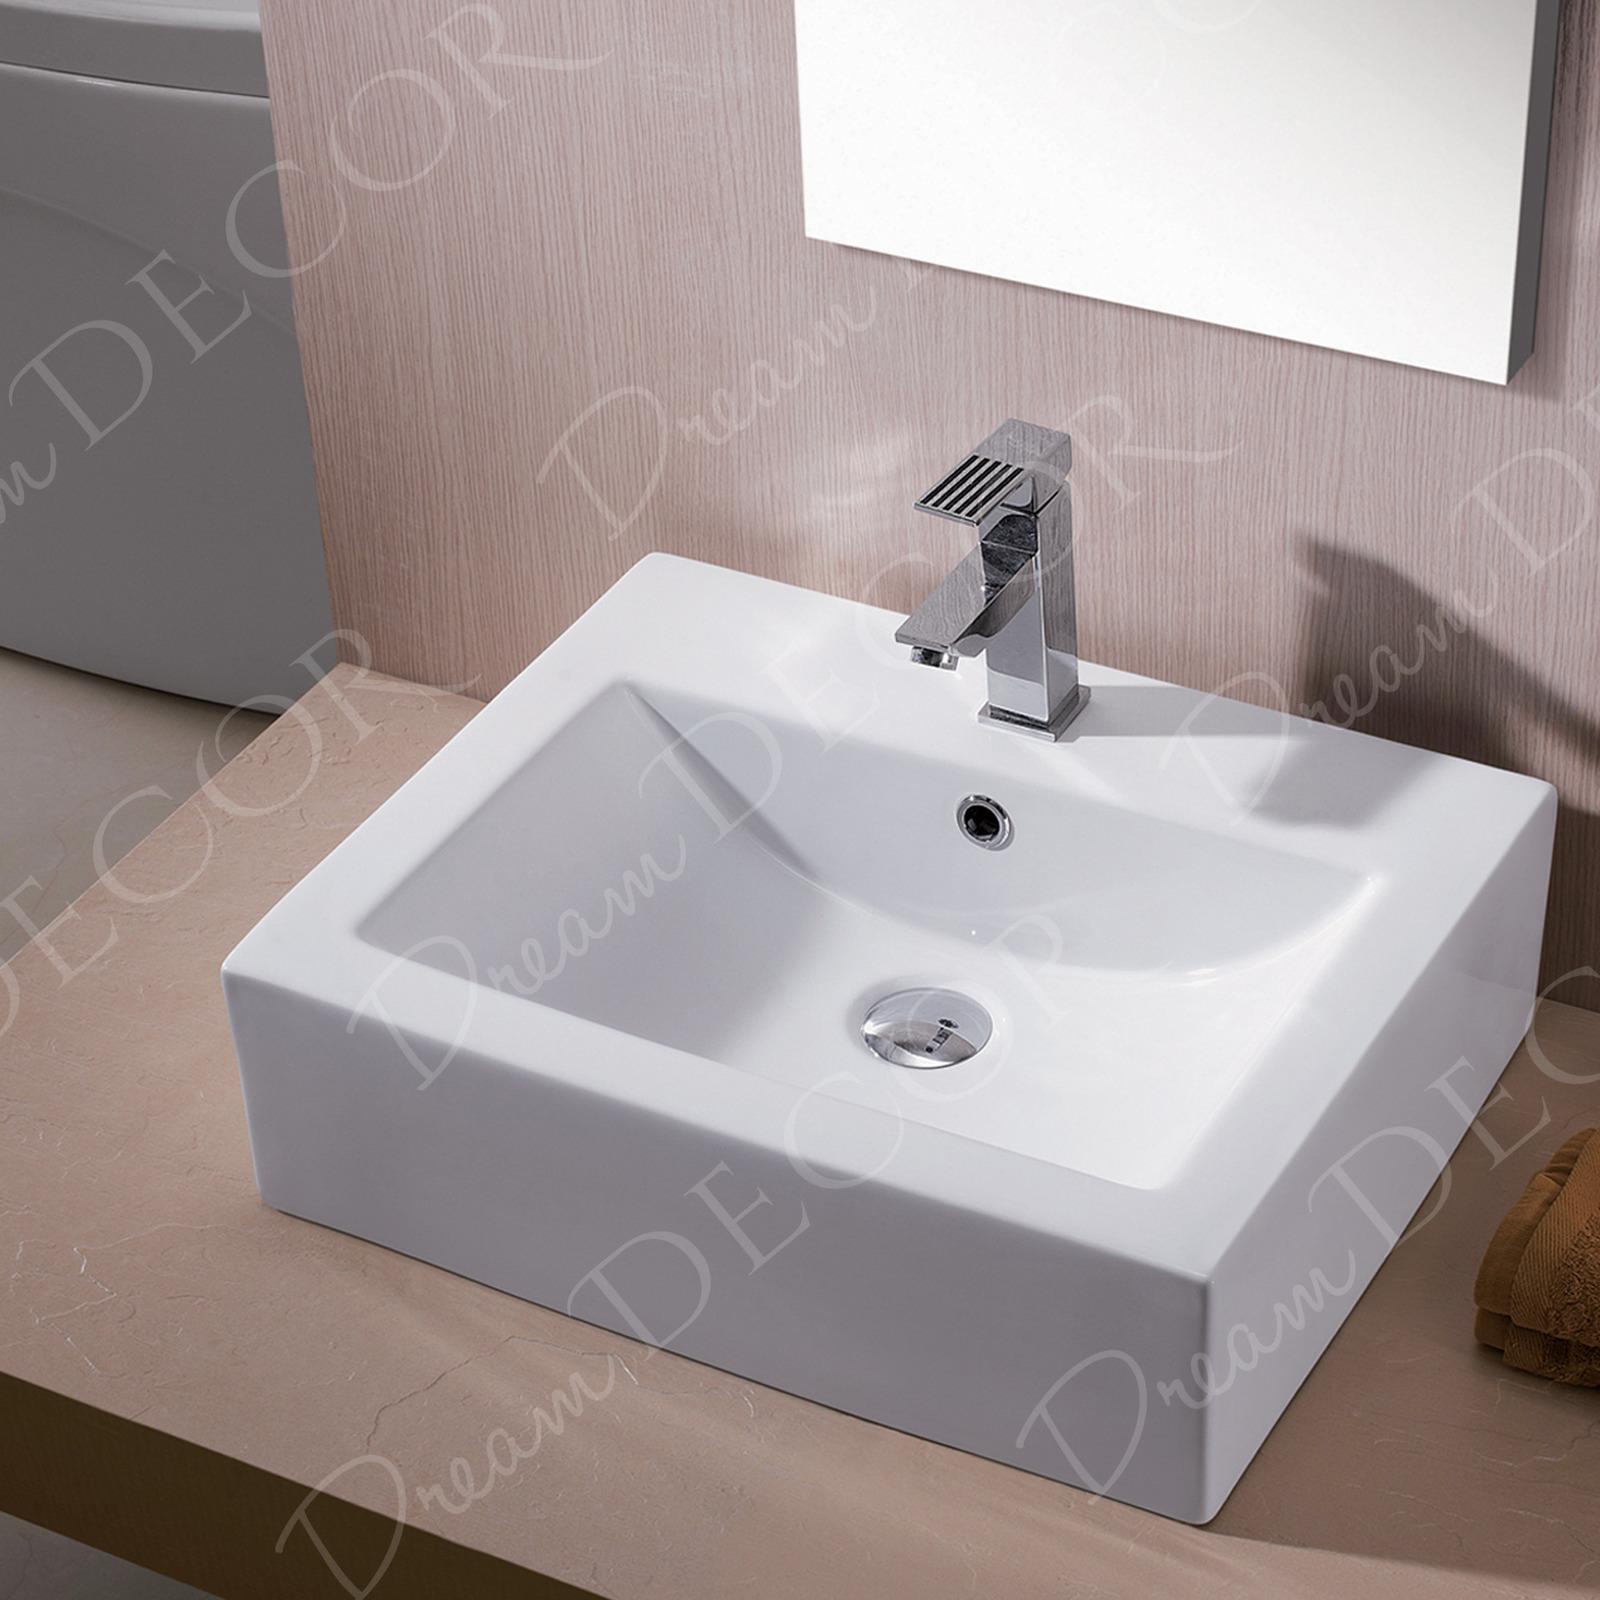 Porcelain Sinks Bathroom Vanities : Bathroom Porcelain Ceramic Vessel Vanity Sink Art Basin New eBay